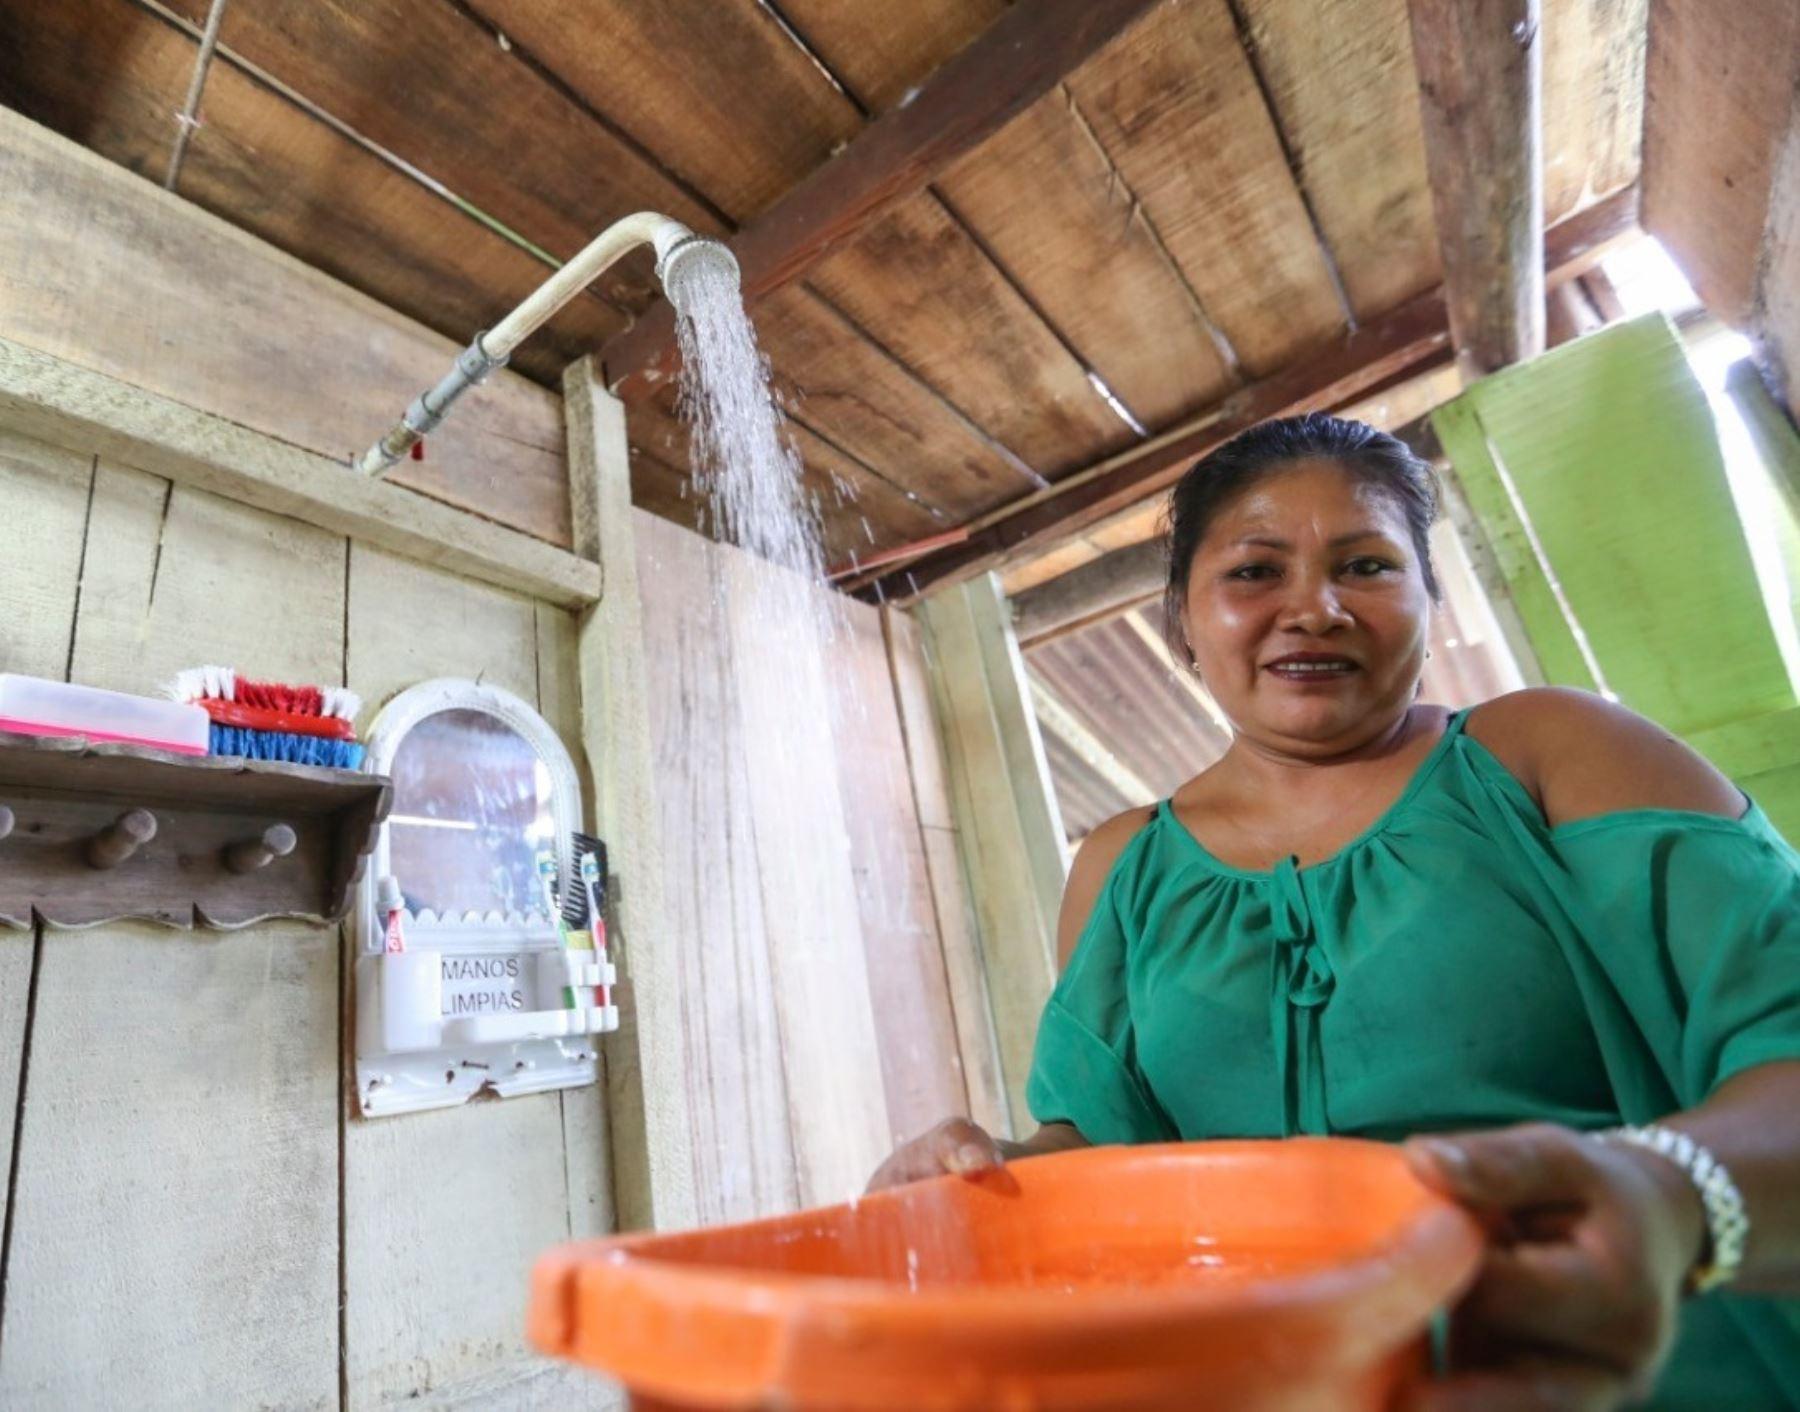 Transferirán S/ 49 millones a 24 regiones para mejorar servicios de agua potable.